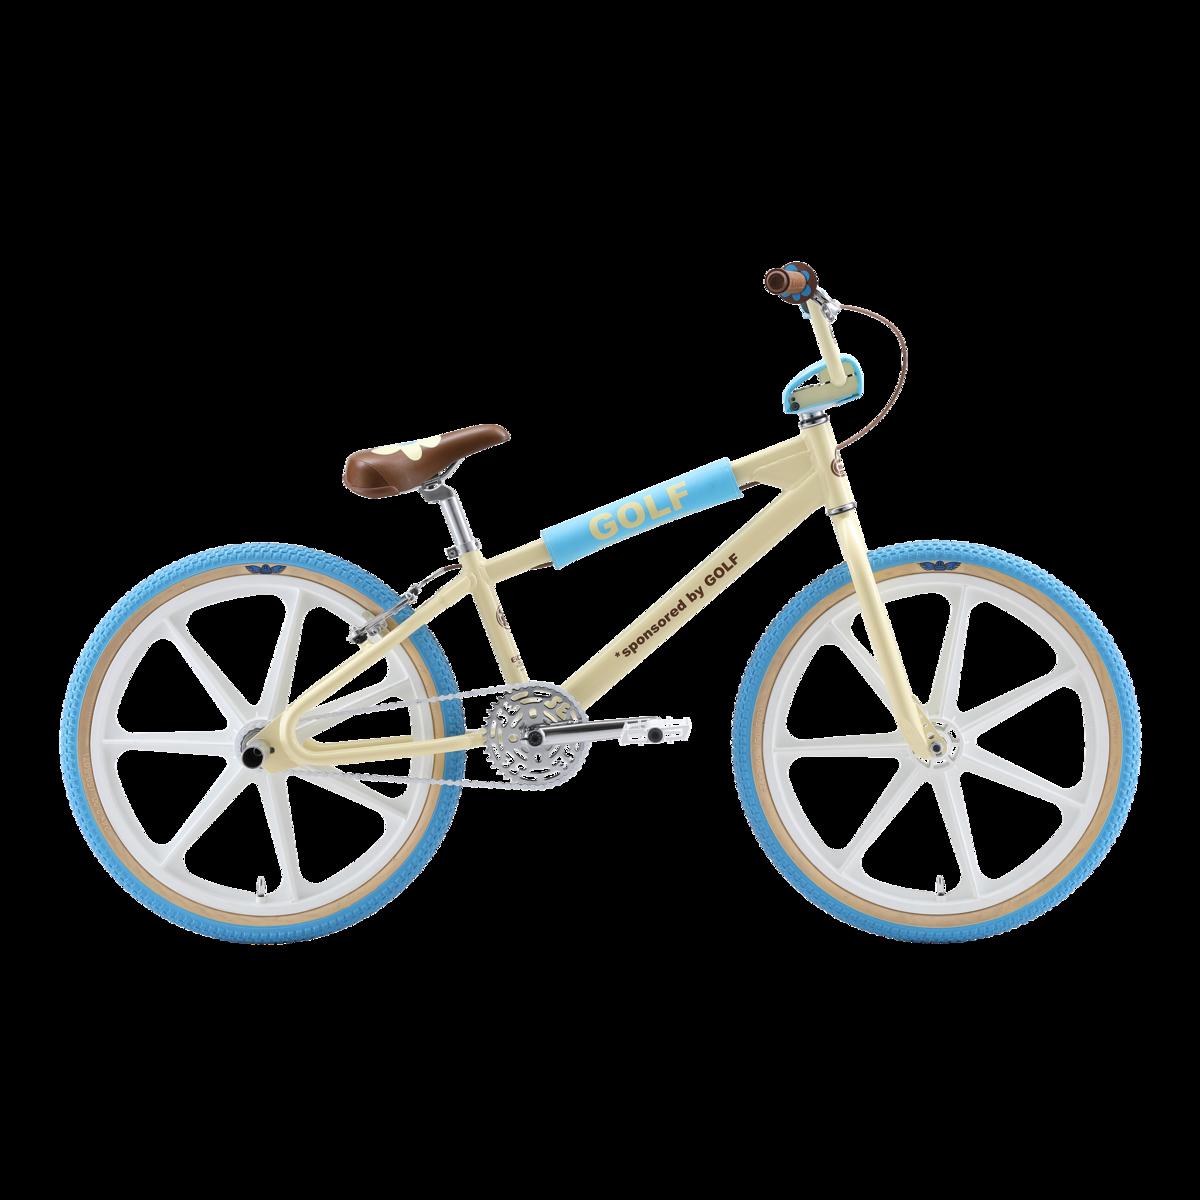 tyler the creator se bikes